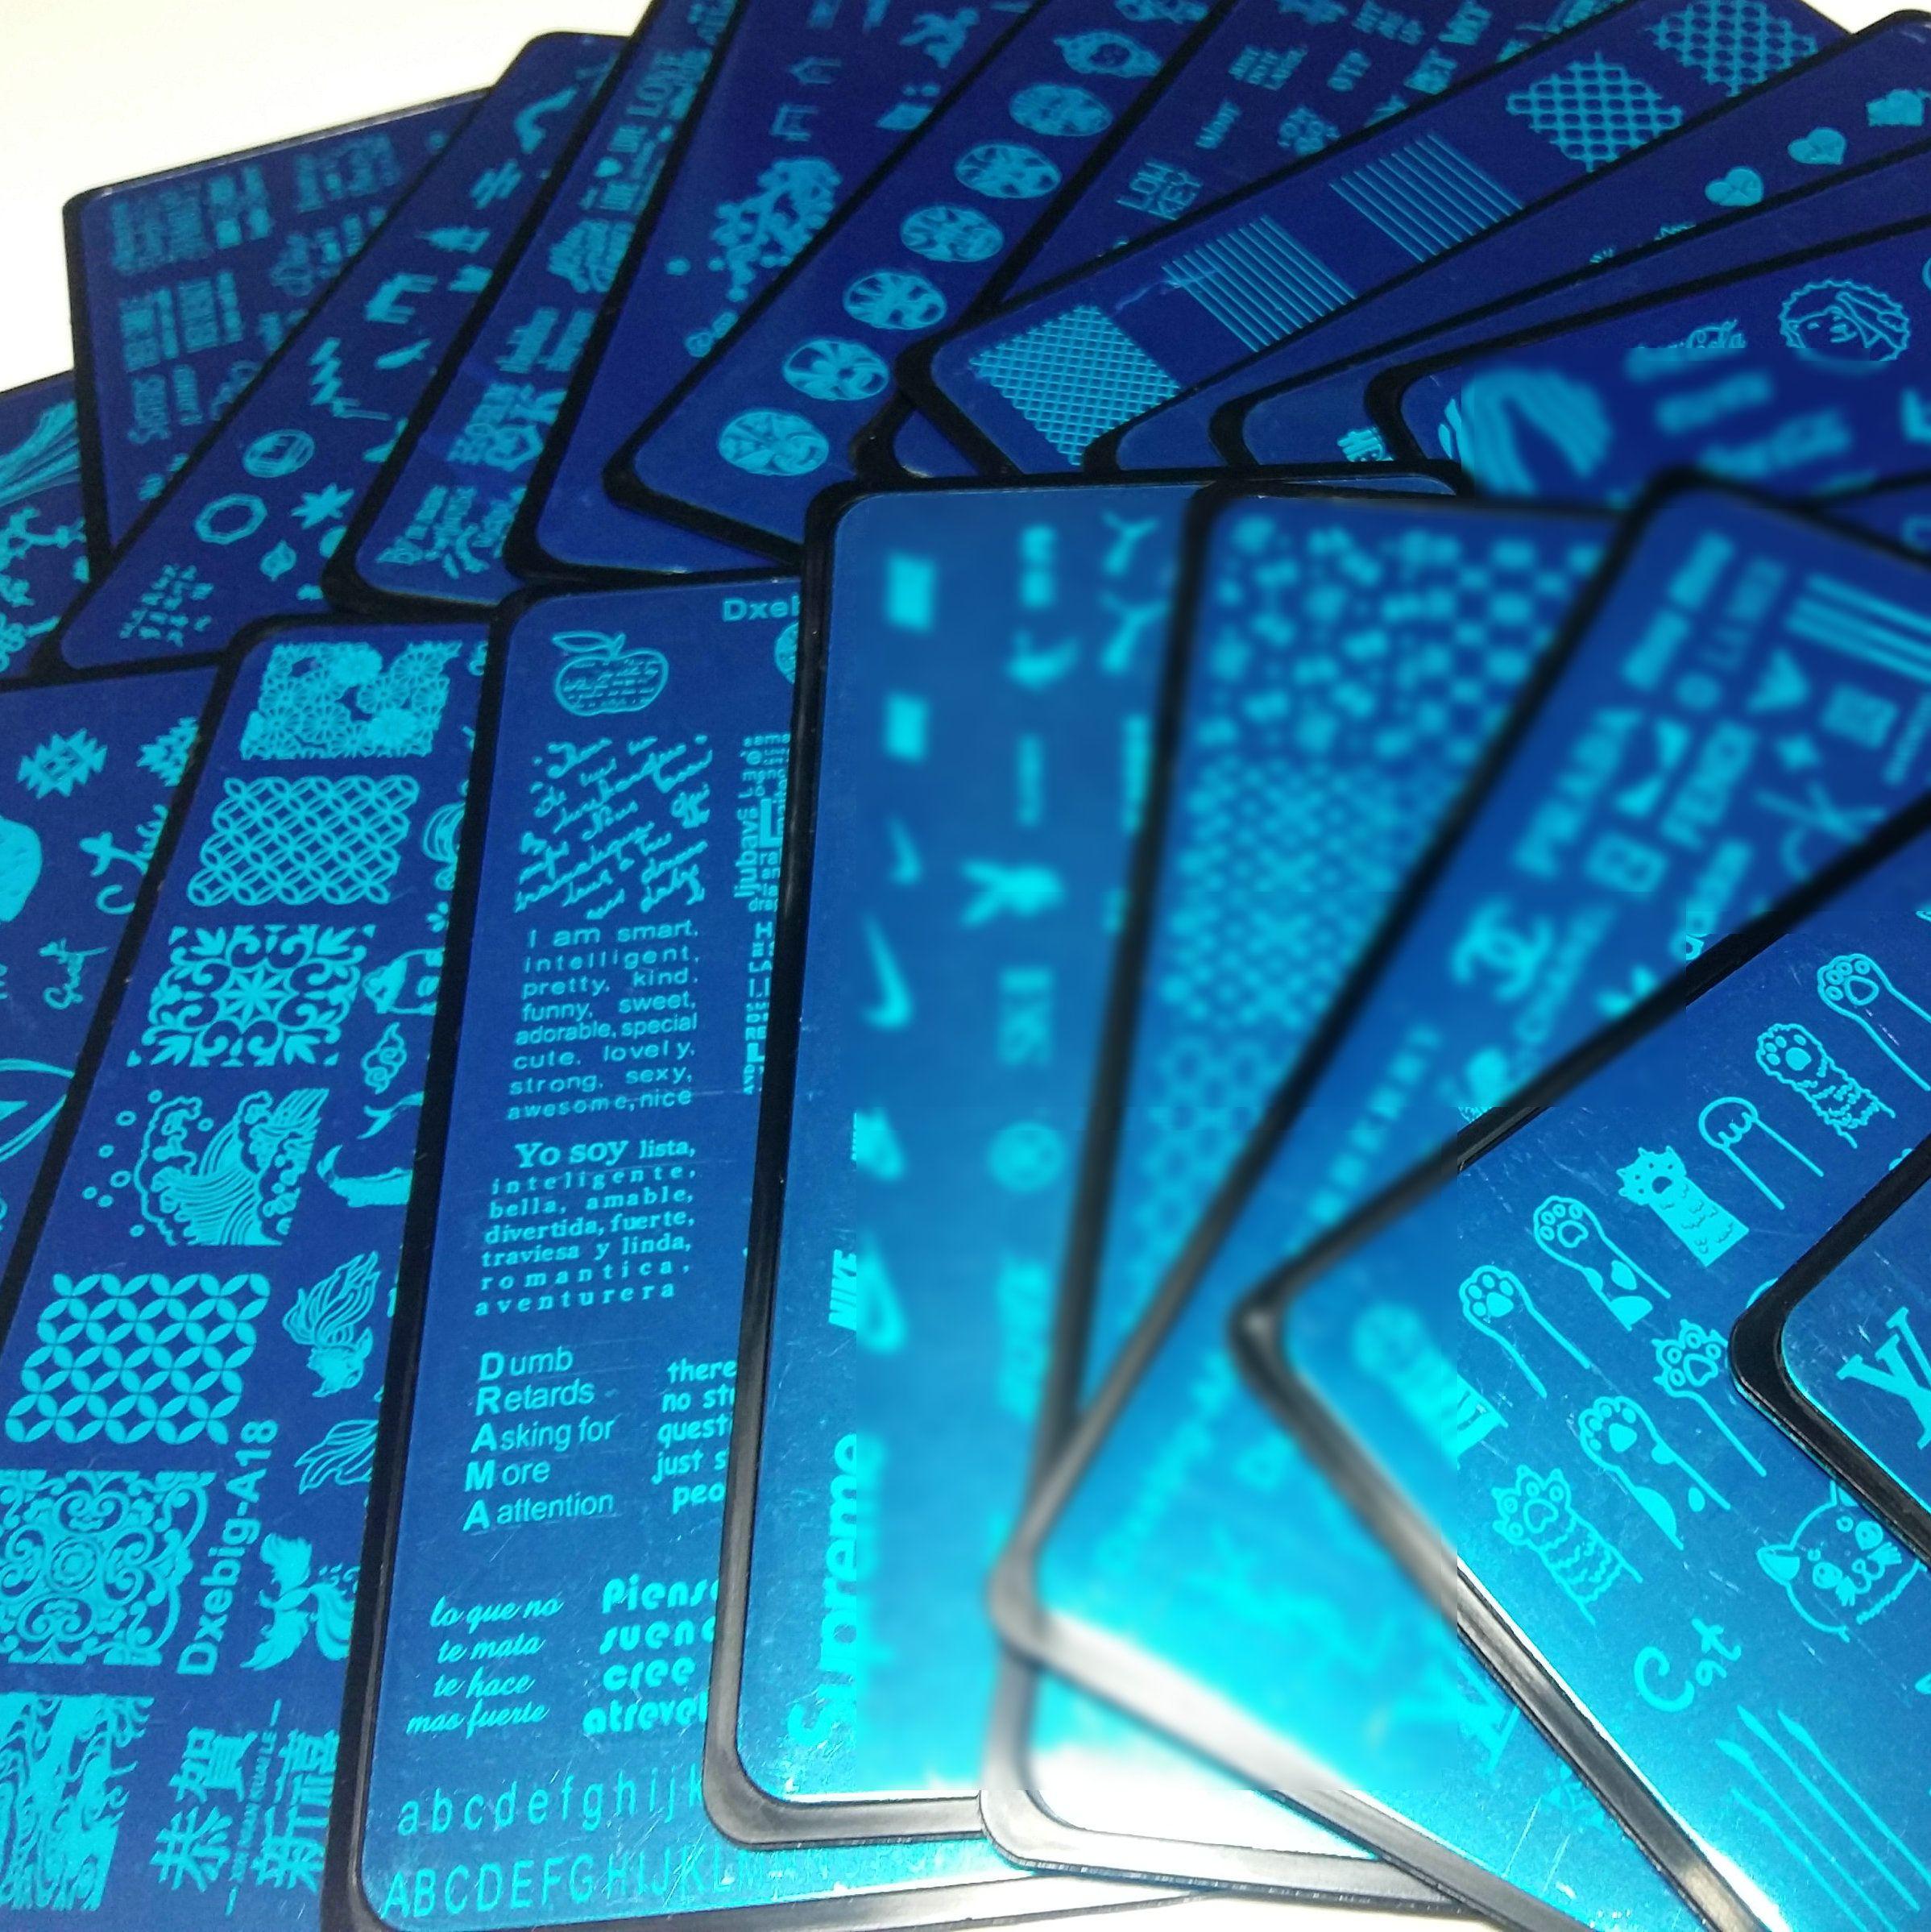 NEW 20x LOGO Marke Kitty Cat China im chinesischen Stil Worte Design Nagel-Kunst-Platten-Stempel Stamping Übertragung polnische Druckvorlage DIY